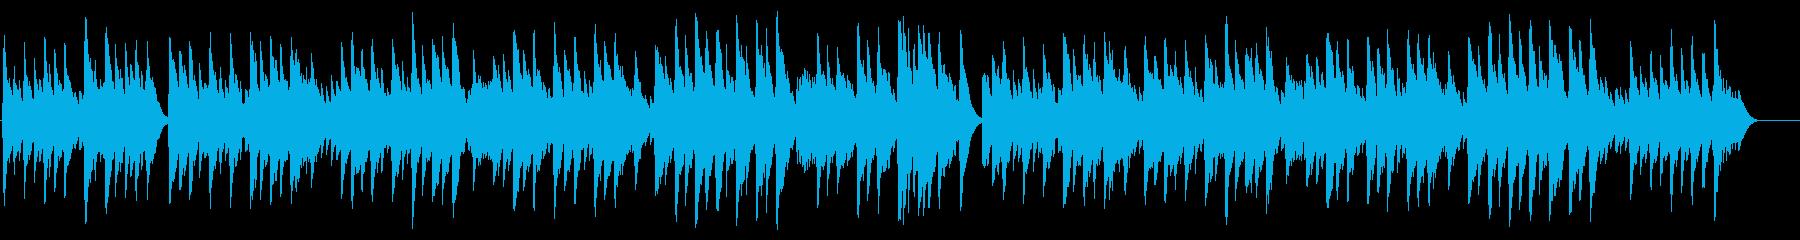 ひなまつり /三宅延齢(Aパターン)の再生済みの波形